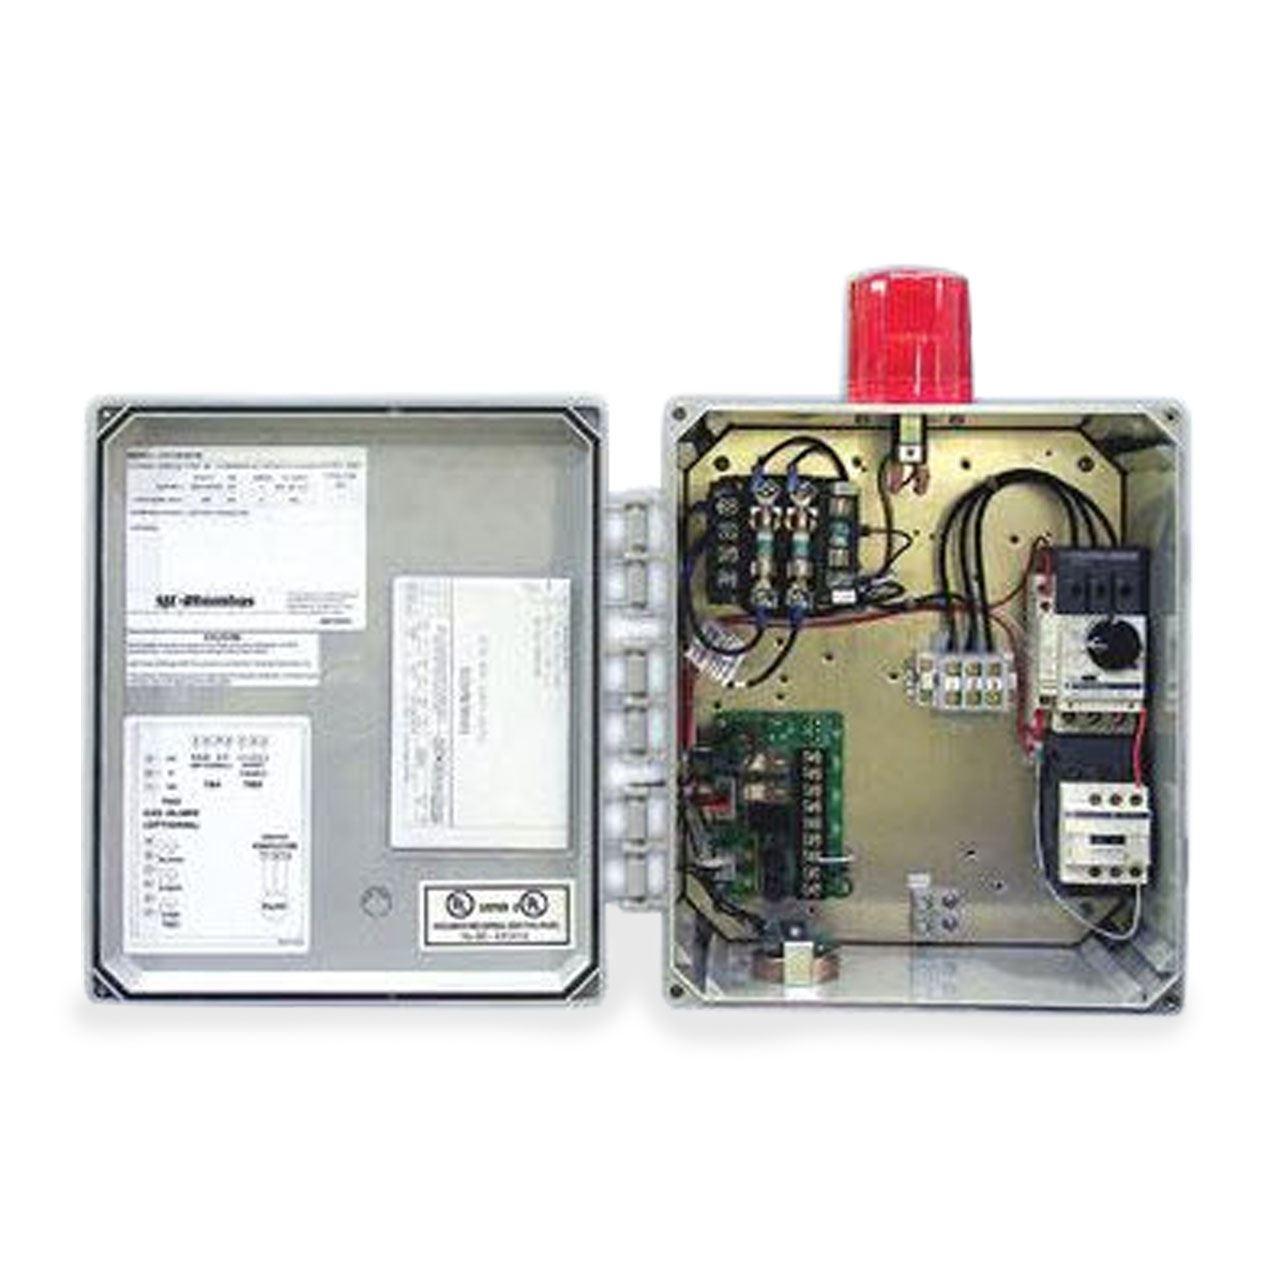 sje rhombus sje rhombus model 312 3 phase 208 240 480 600v simplexduplex motor starter wiring [ 1280 x 1280 Pixel ]